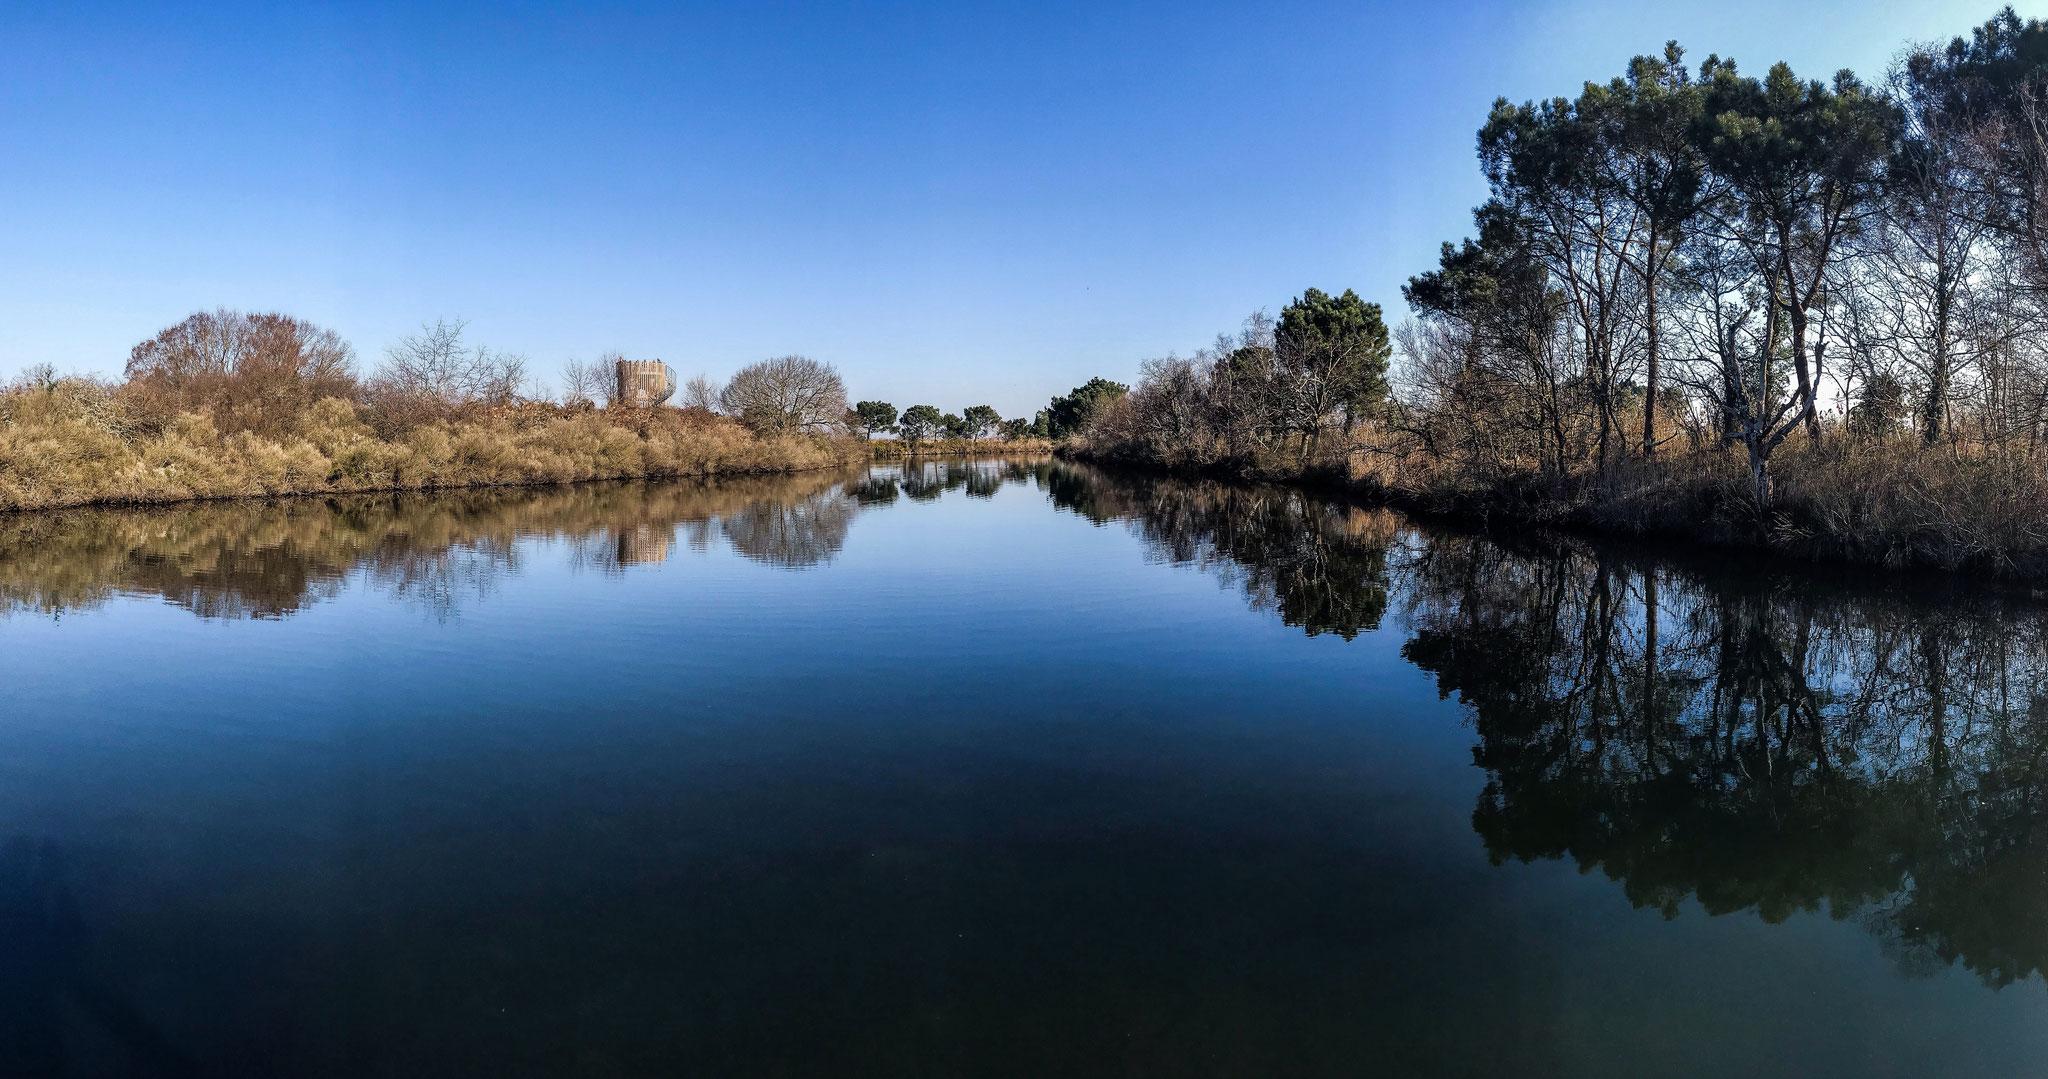 Le Teich, Vraies vacances sur le Bassin d'Arcachon - Réserve ornithologique